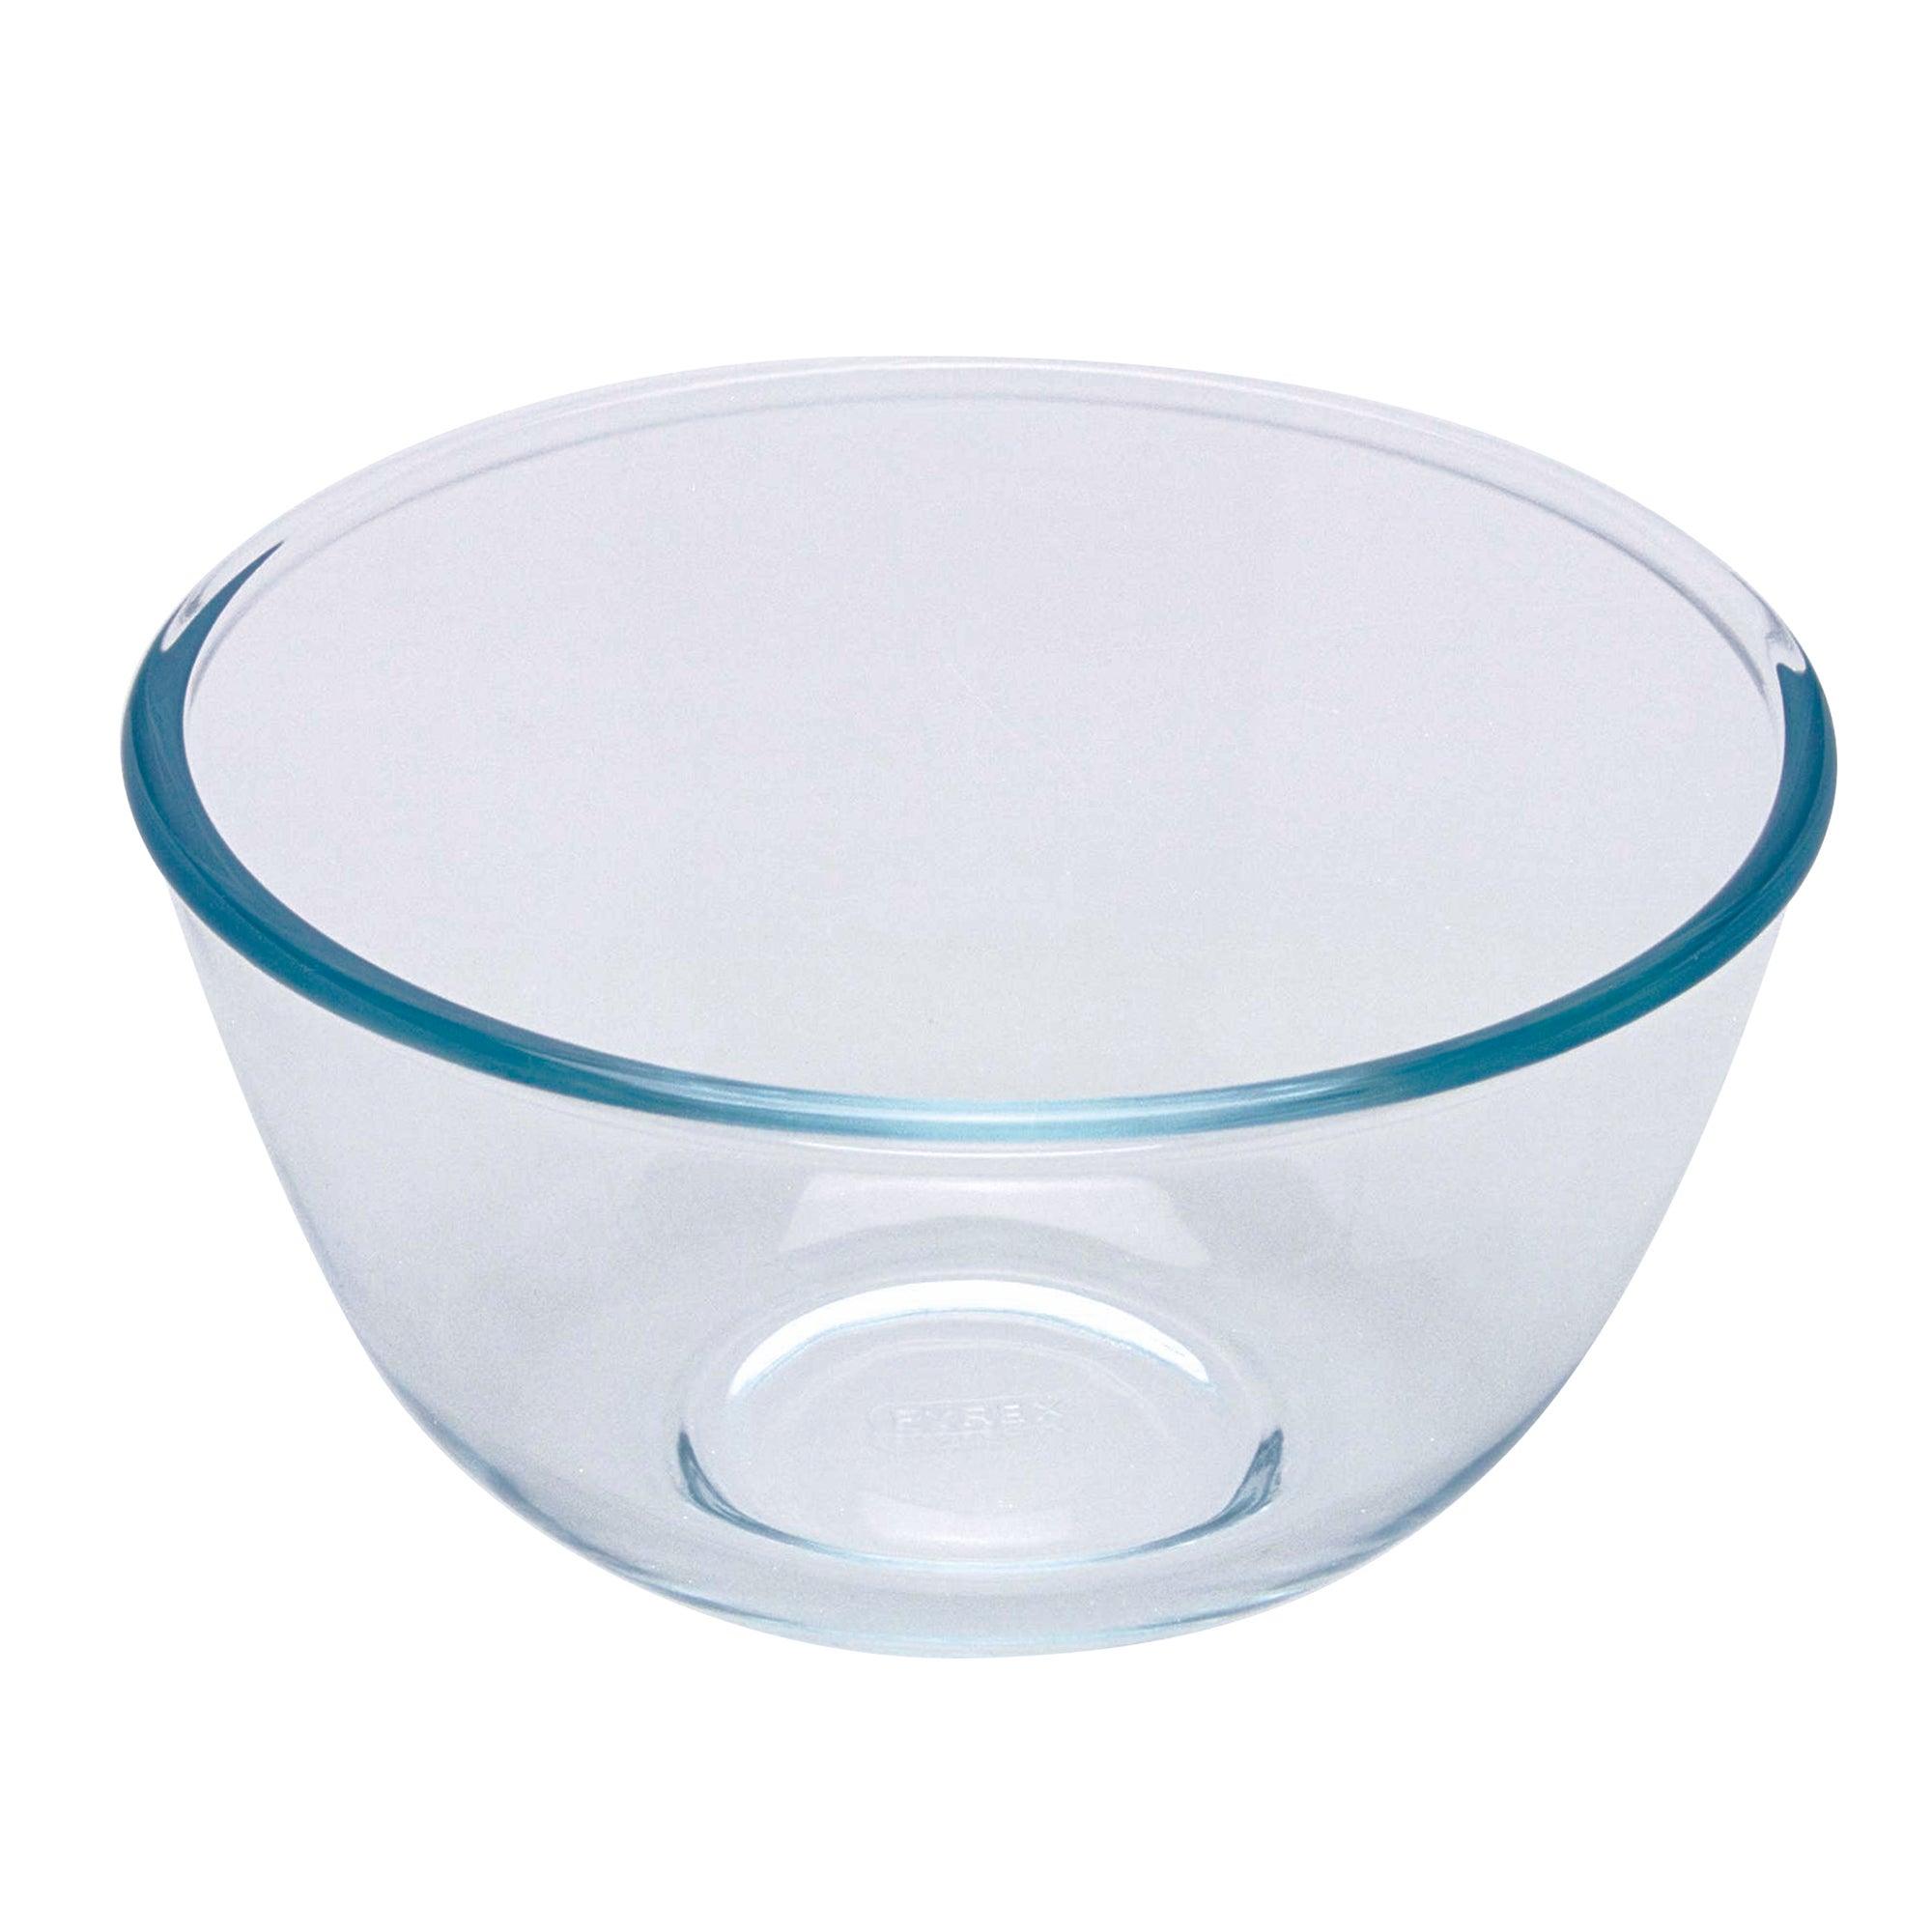 Pyrex 3 Litre Bowl